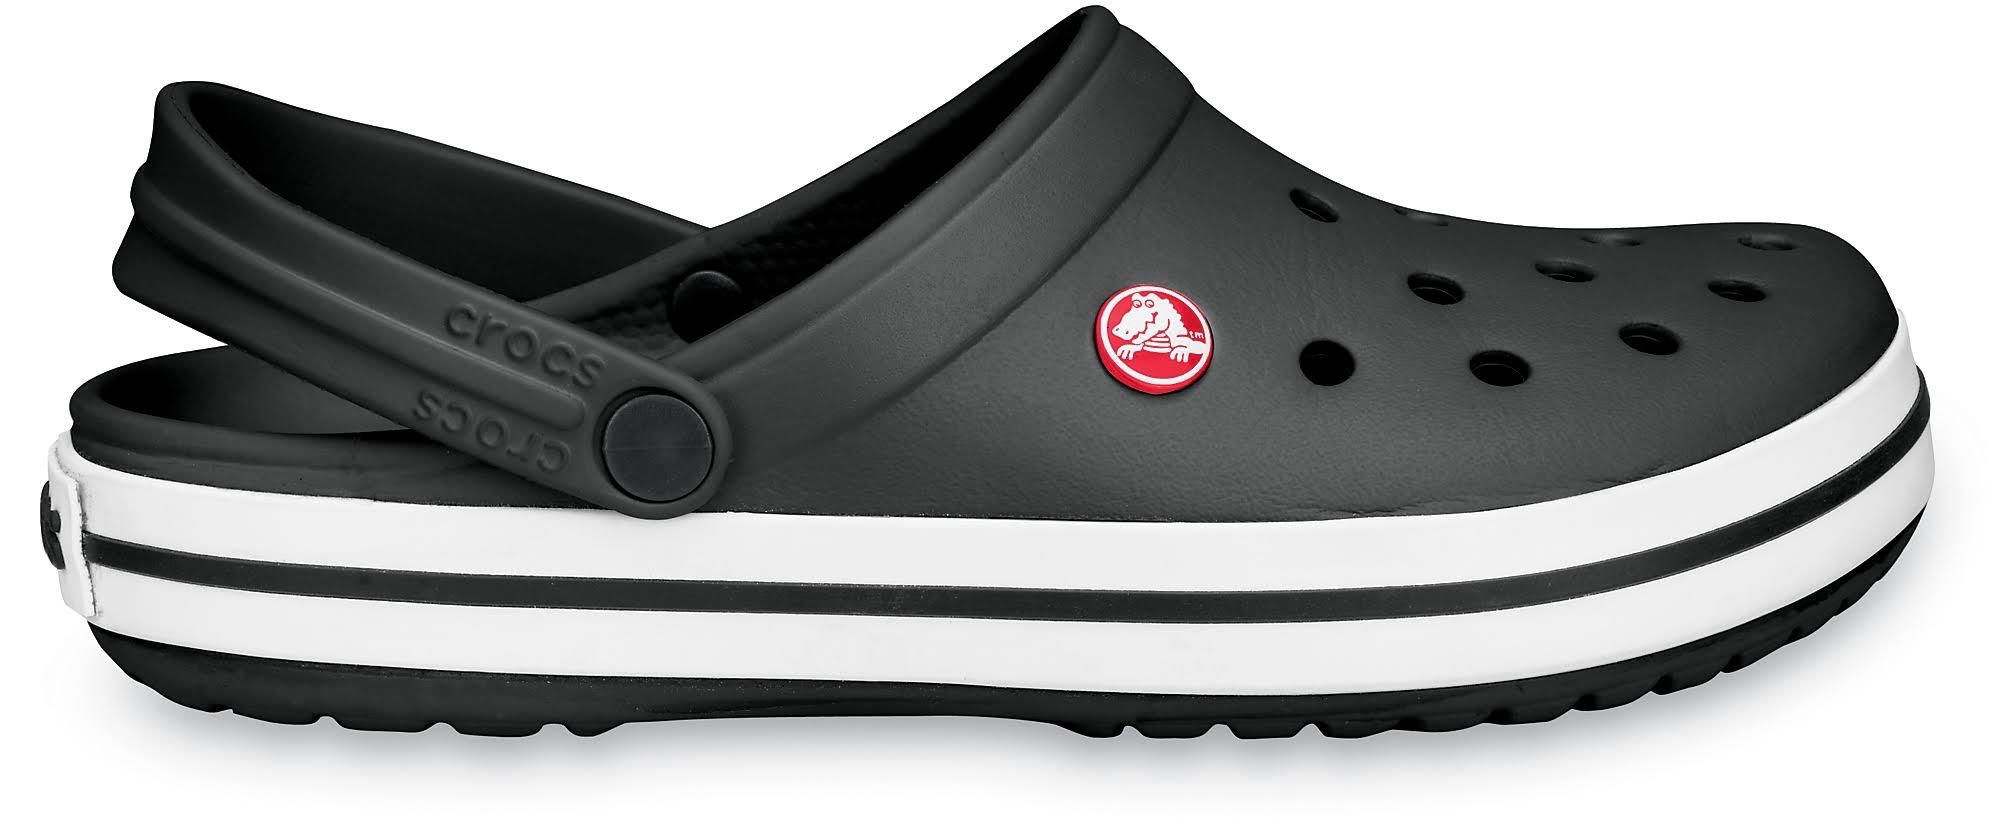 Crocs Crocband Black Crocband Crocs Crocs Black Clog Clog nPXNwkZ80O